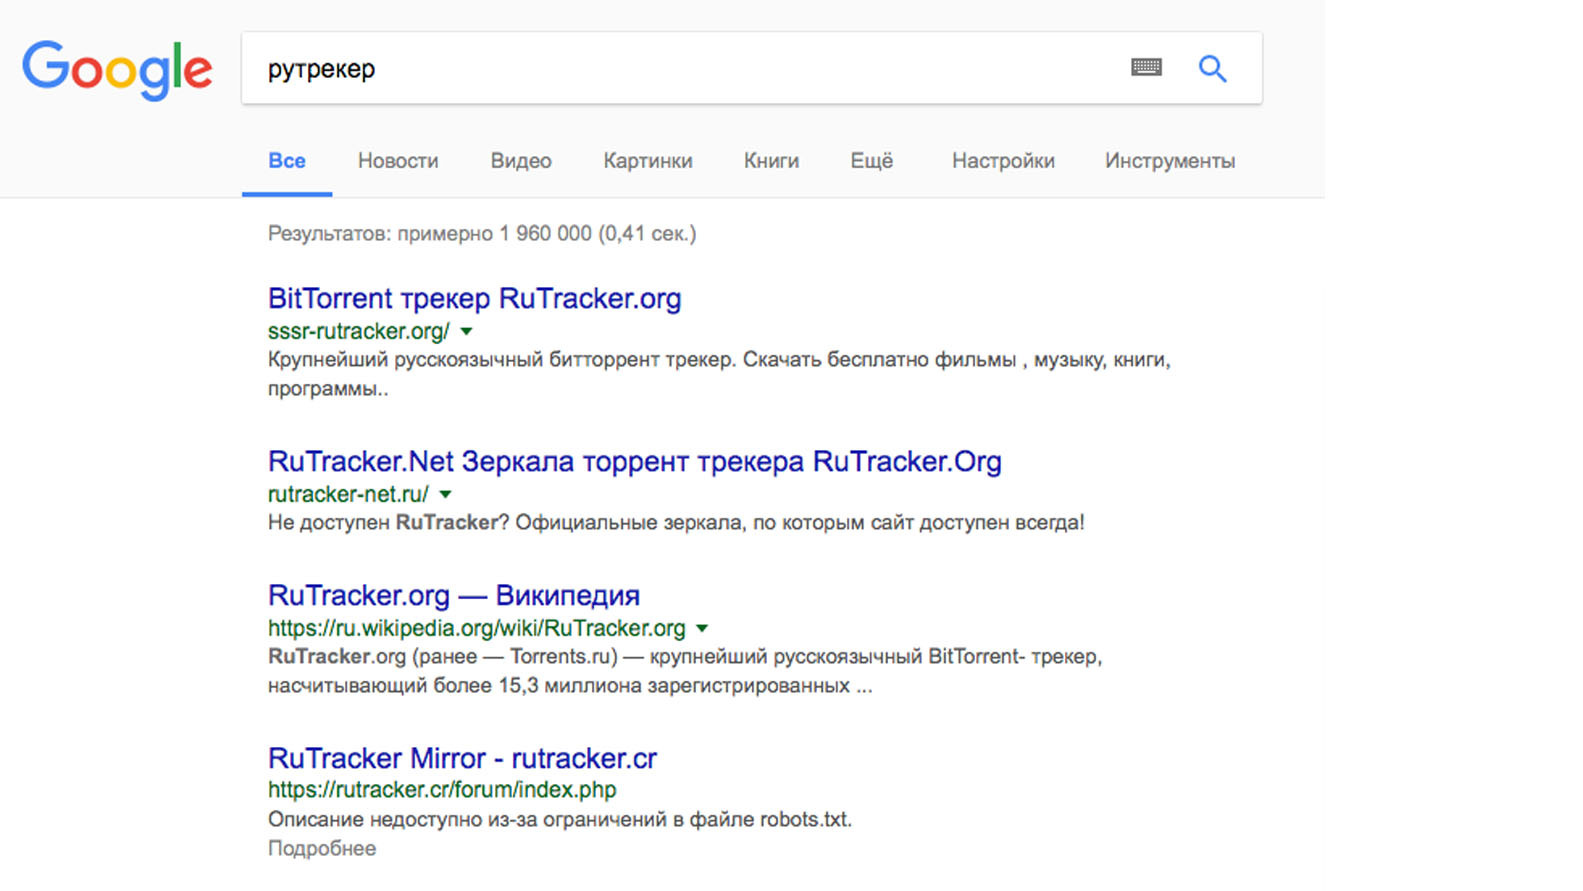 Яндекс и Google удалили из выдачи все запрещенные сайты но оставили их зеркала